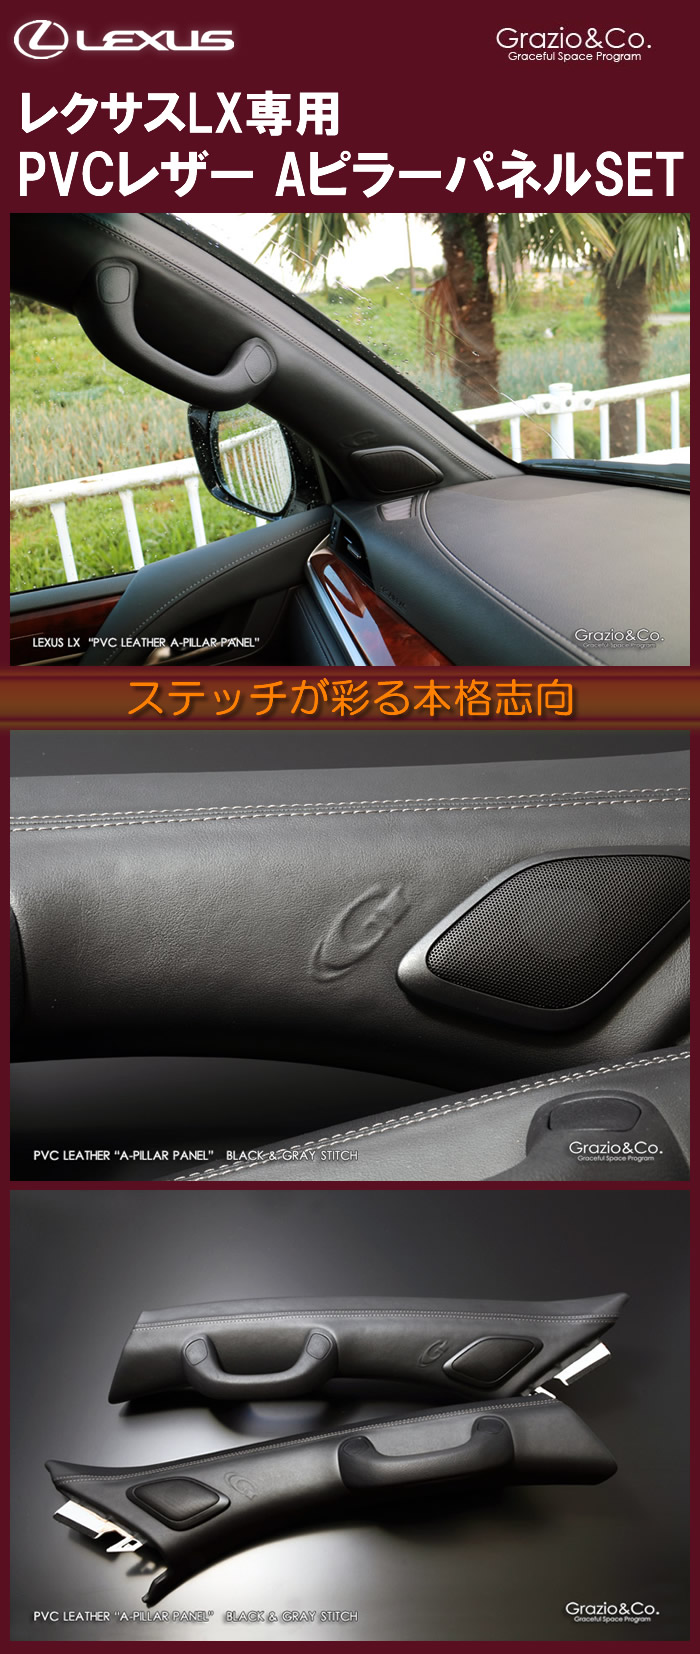 レクサス LX専用 PVCレザー AピラーパネルSET